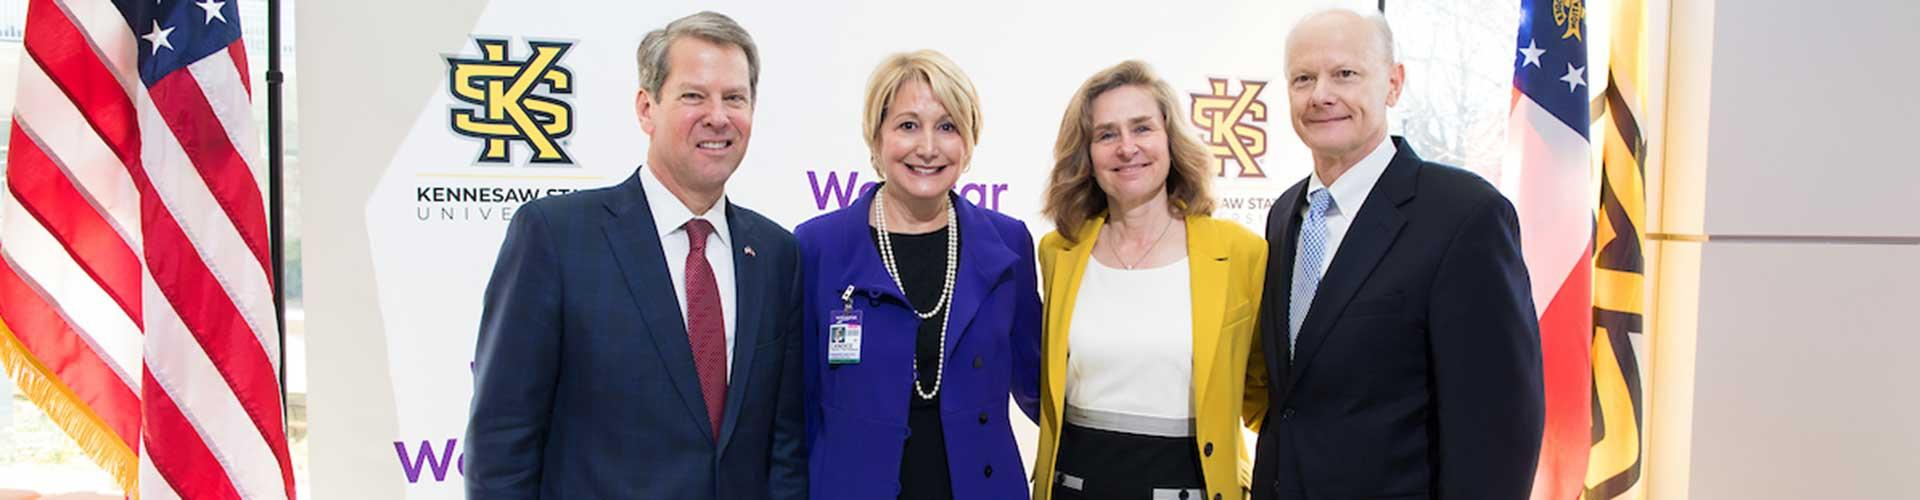 Wellstar Health Systems Partnership